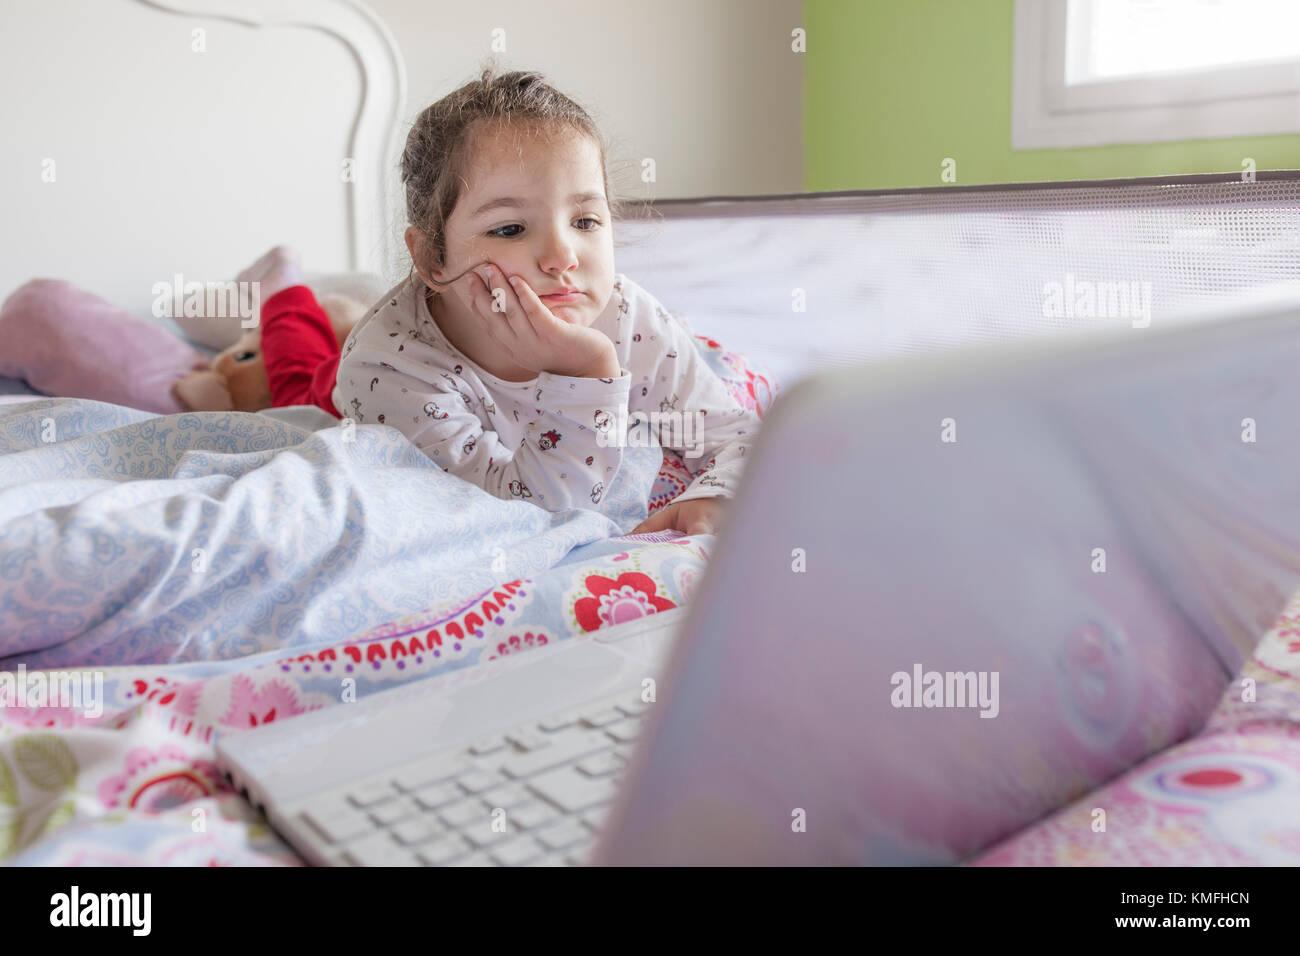 Niña acostado en la cama y viendo dibujos animados con un portátil en su habitación y se ve entretenido Imagen De Stock